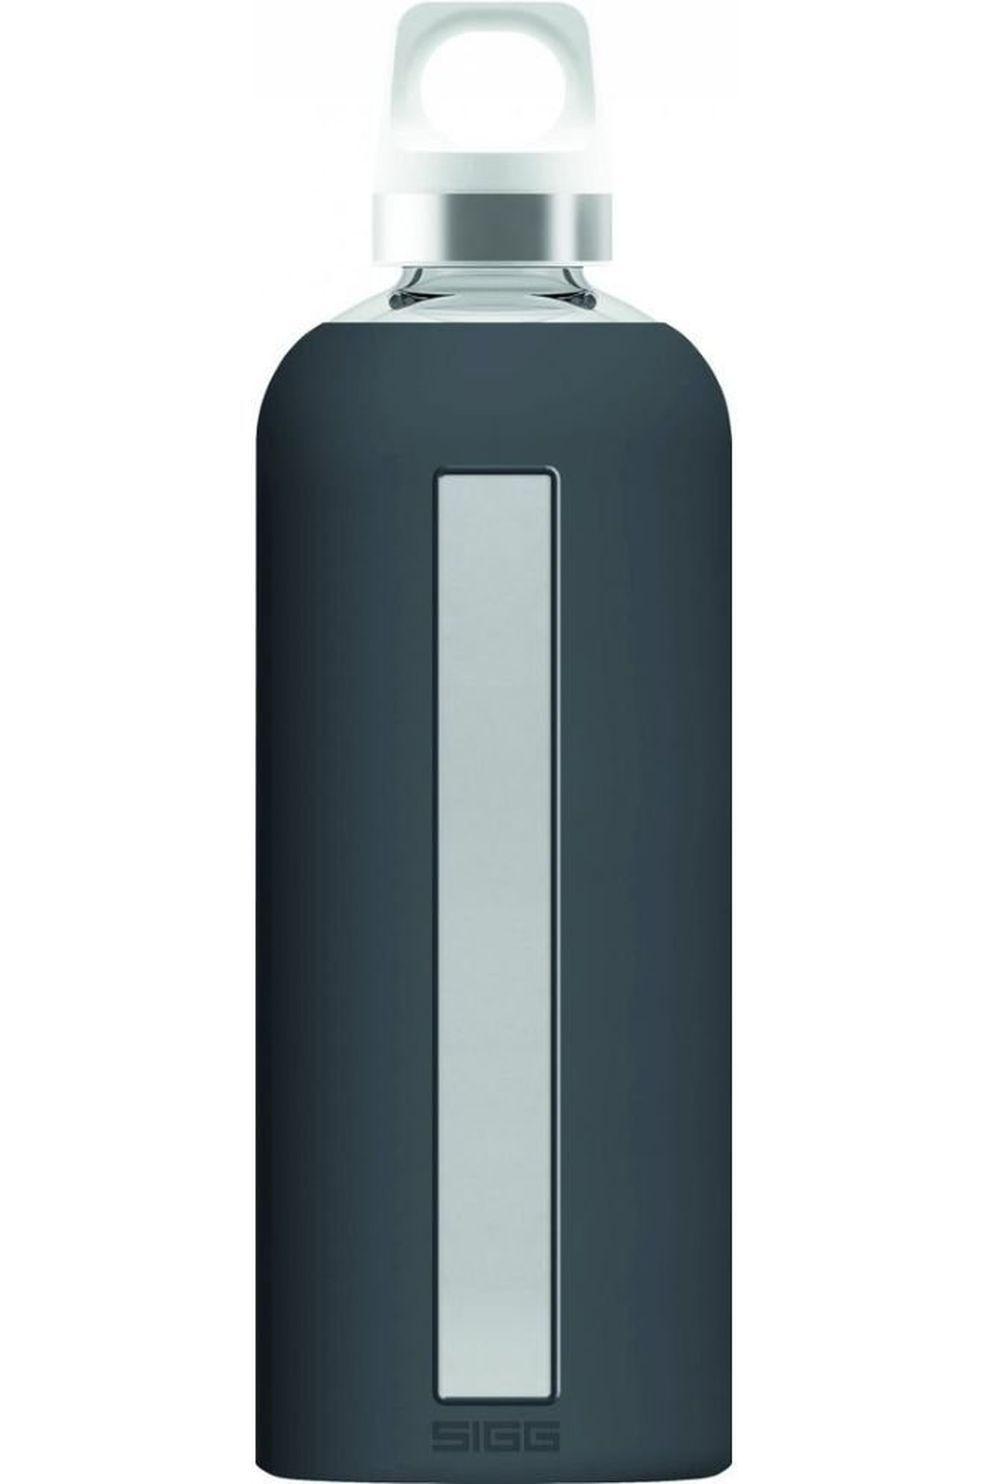 Sigg Drinkfles Star Shade 0.85L - Grijs